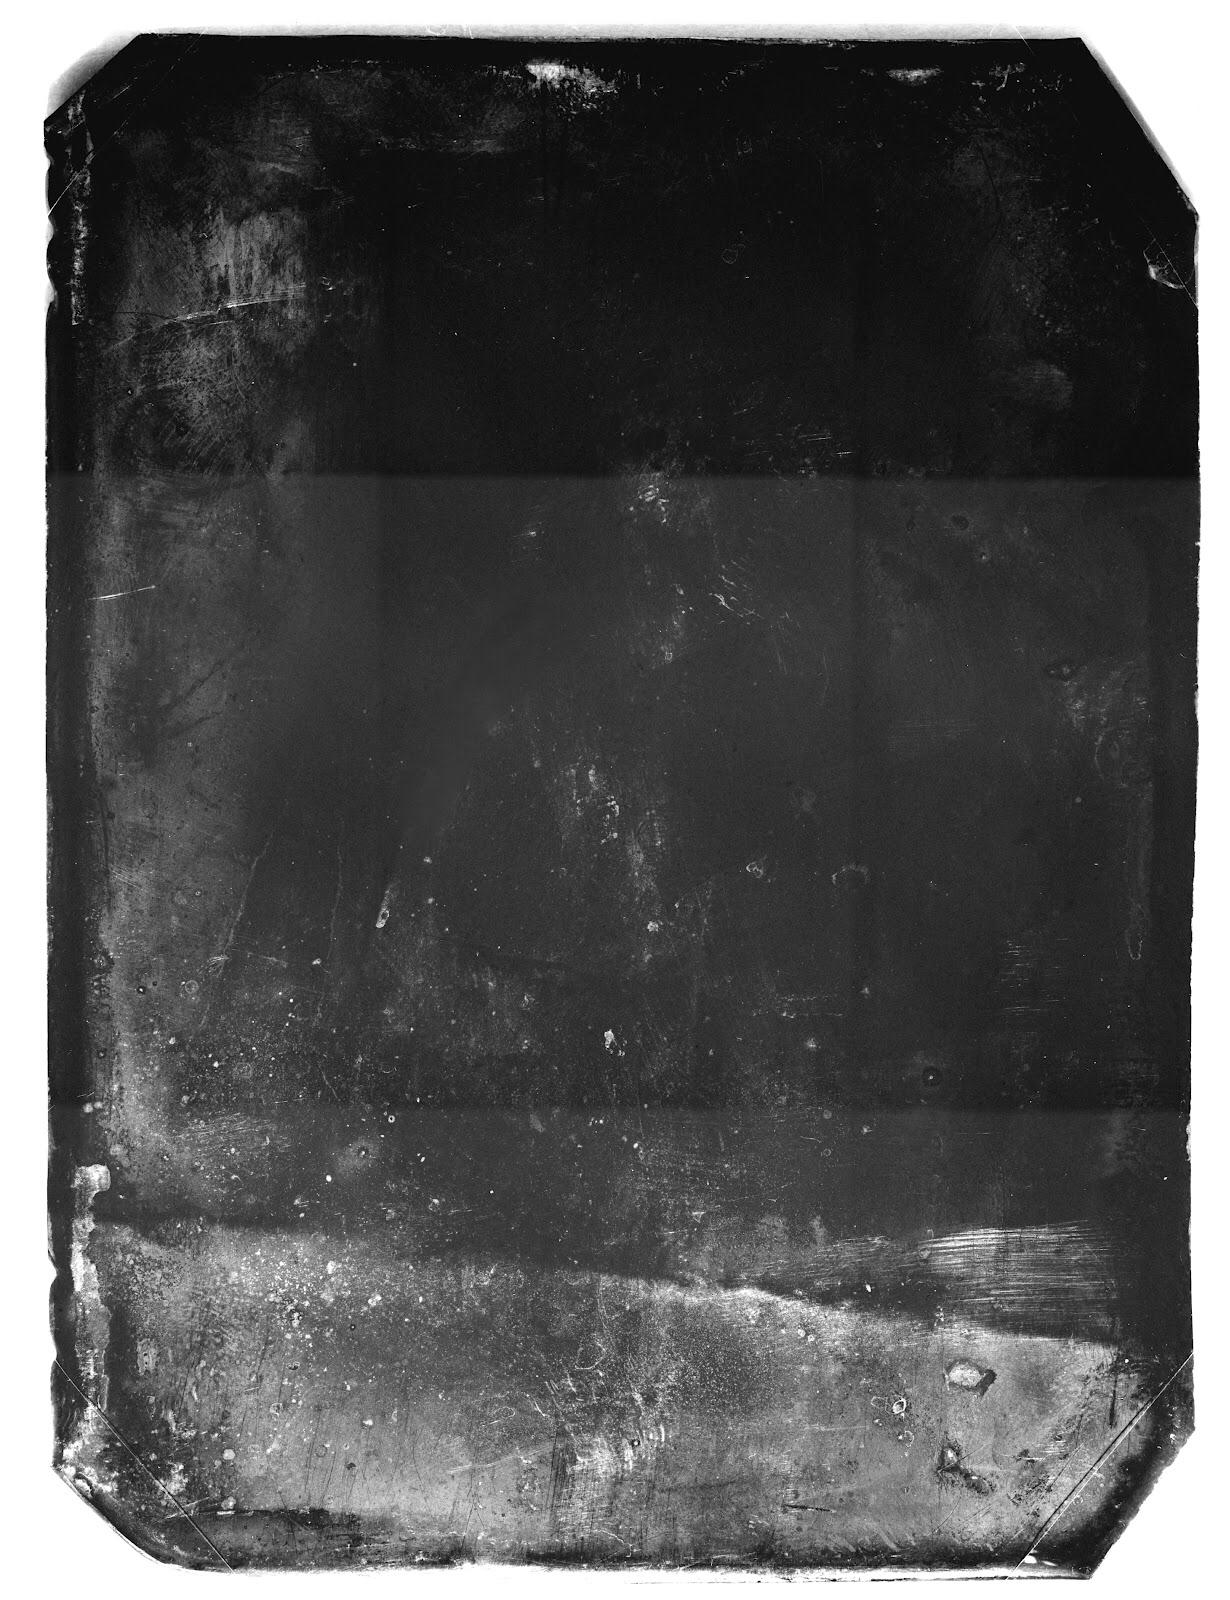 как сделать эффект старого фото располагается рельефная